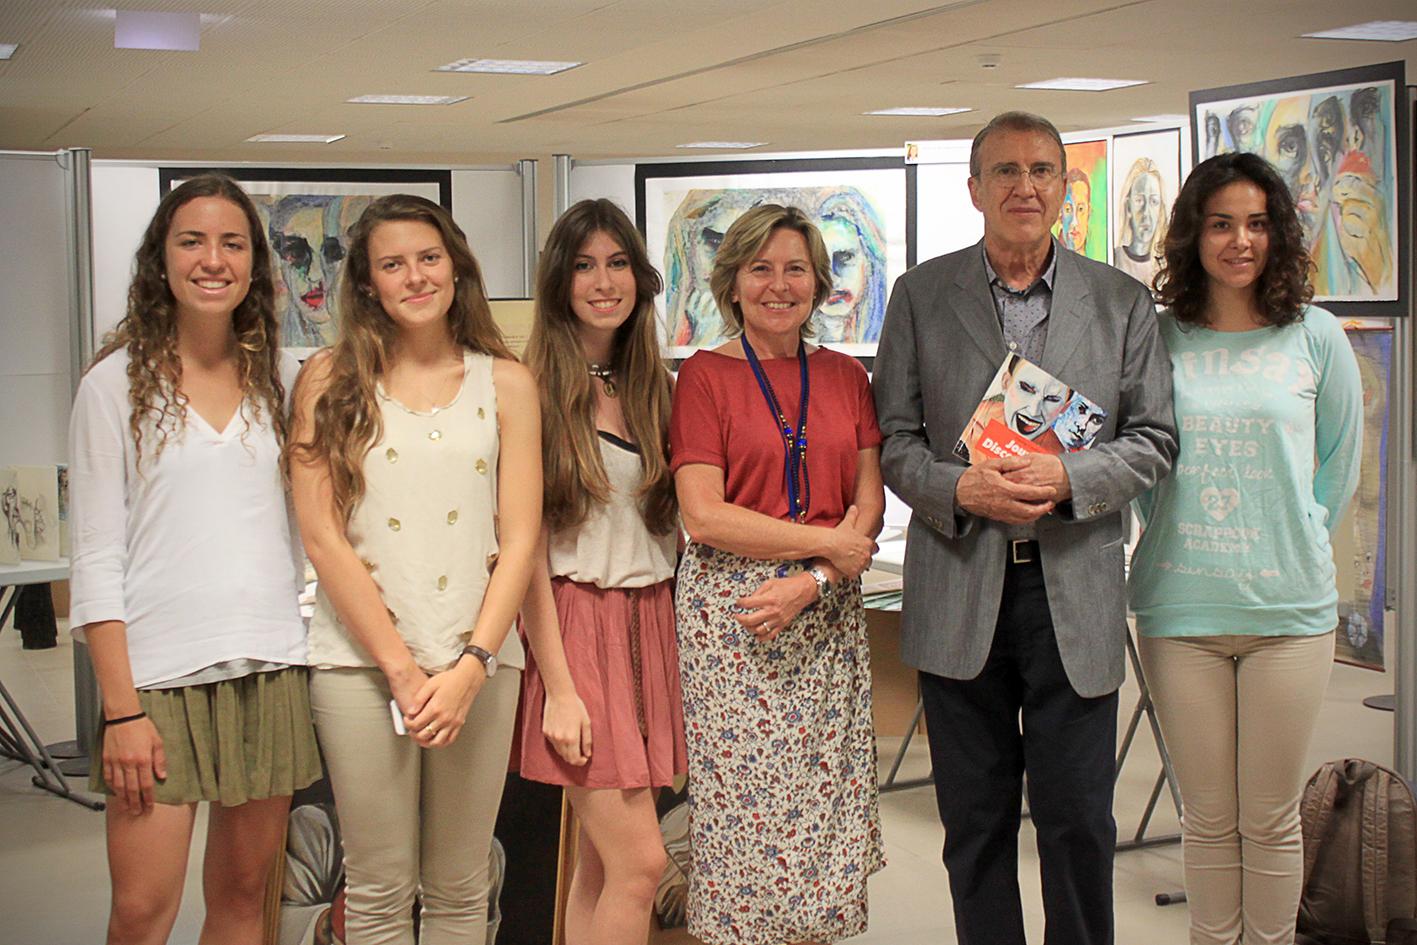 José Mª Yturralde y la directora de Caxton College, Amparo Gil, con un grupo de artistas de la exposición Young Caxton Artists. EPDA